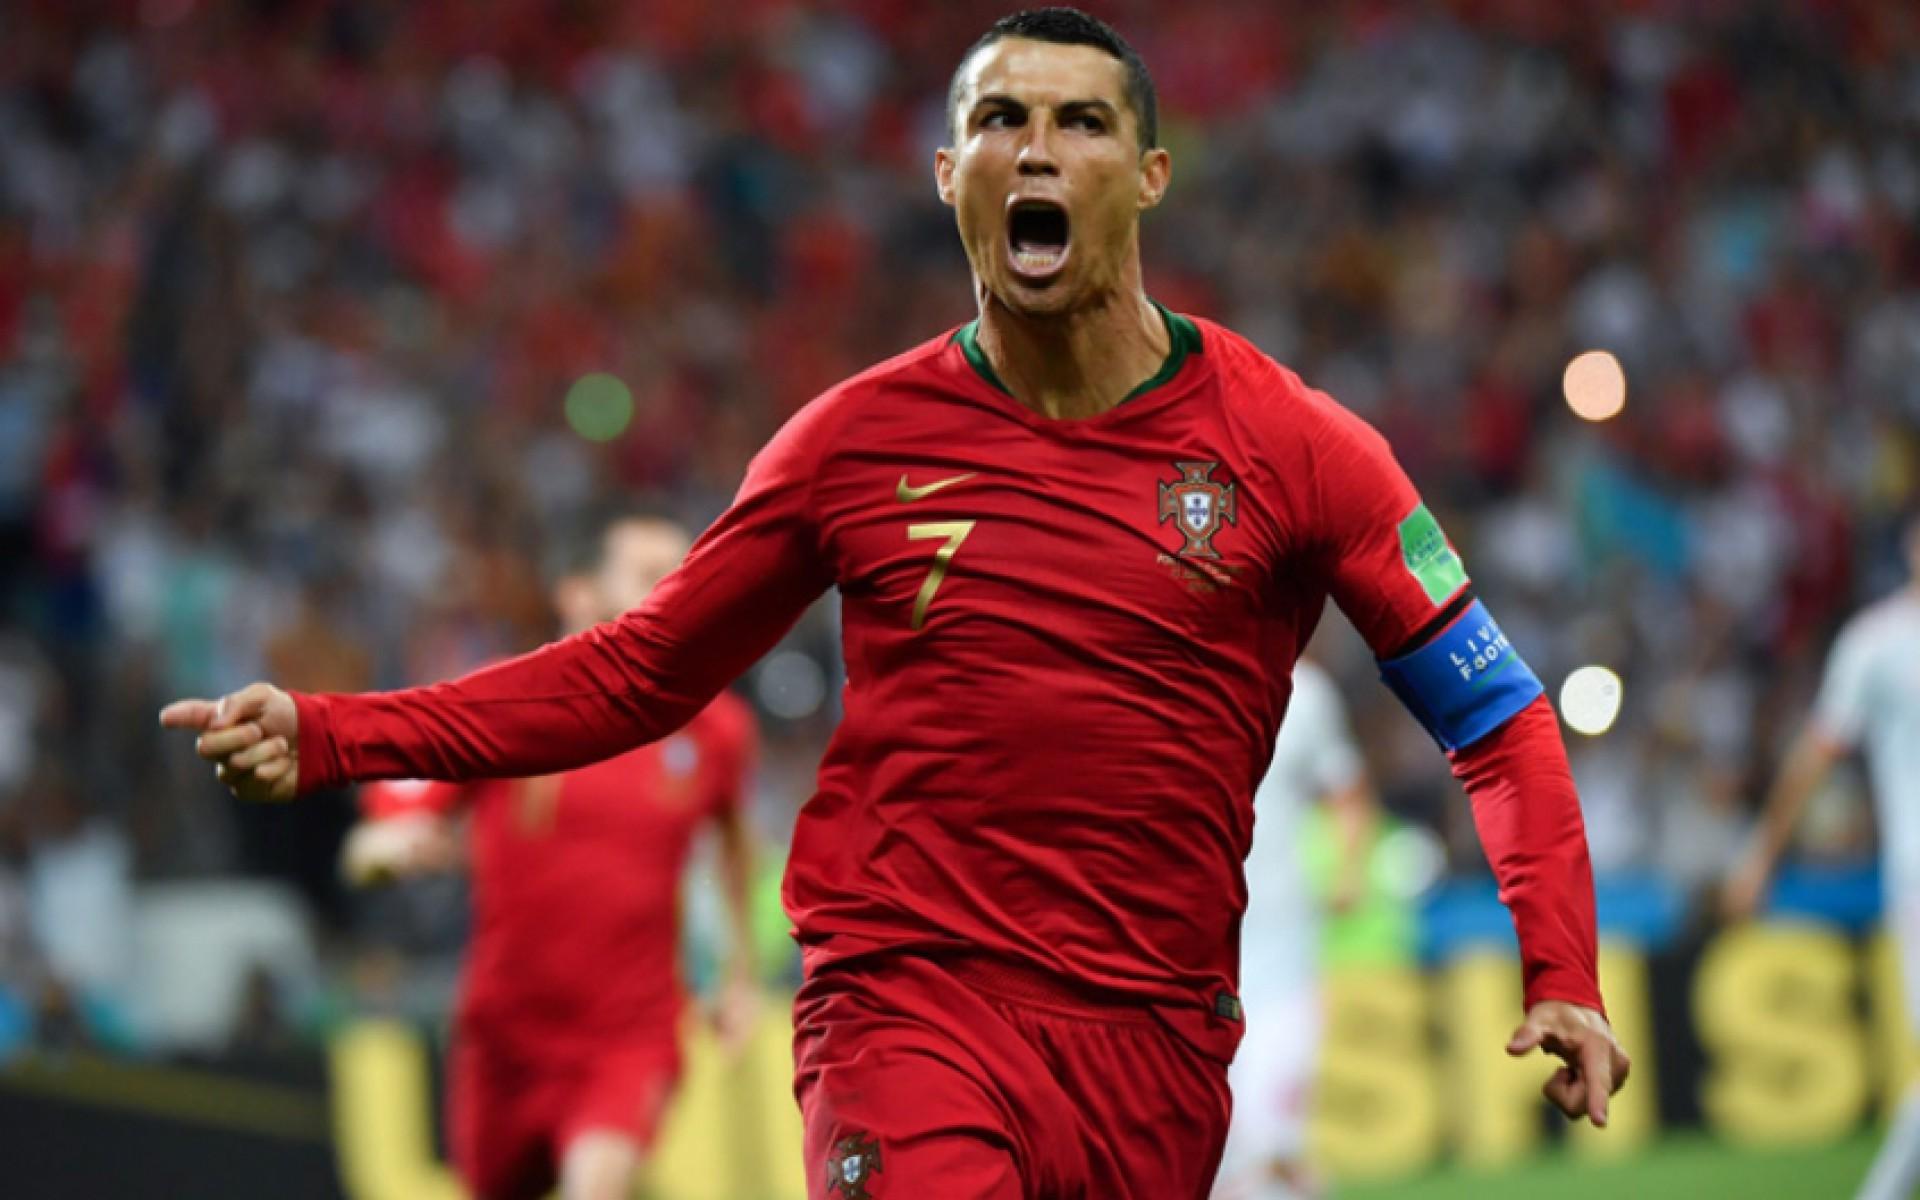 Para lembrar, o português ainda ostenta um título pra lá de invejável: o de jogador mais bem pago do mundo!